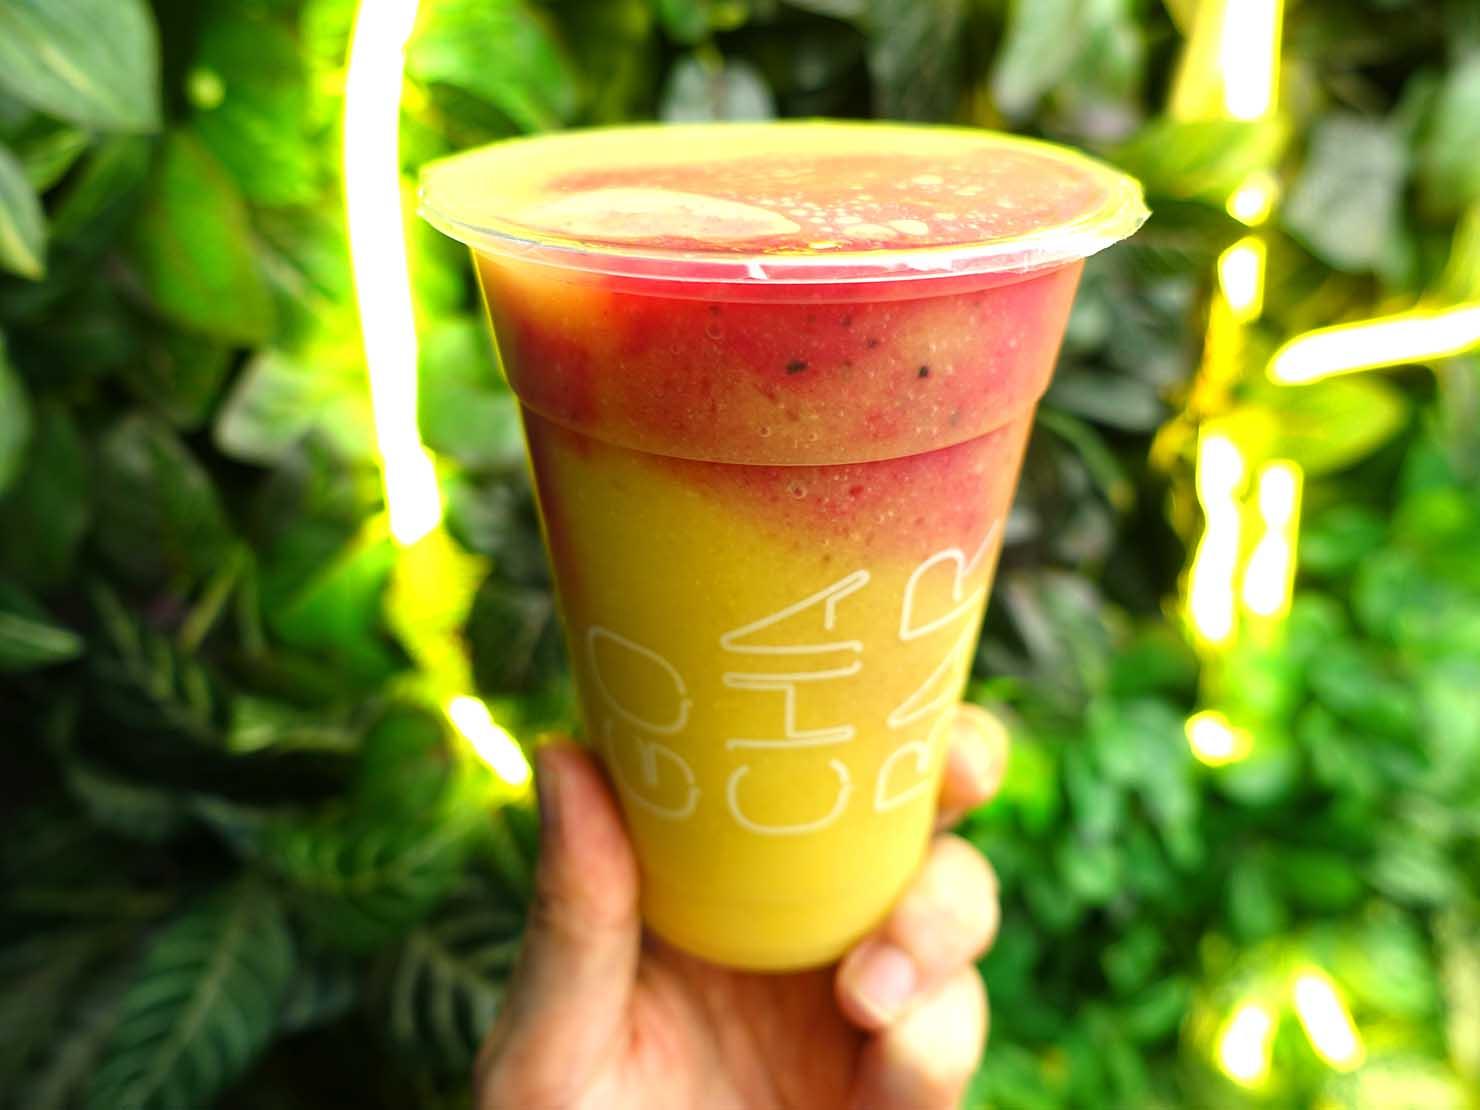 台北・中山駅周辺のおすすめドリンクスタンド「果汁吧 GO CHA BAR」のミックスジュース(芒果/芭樂/火龍果)